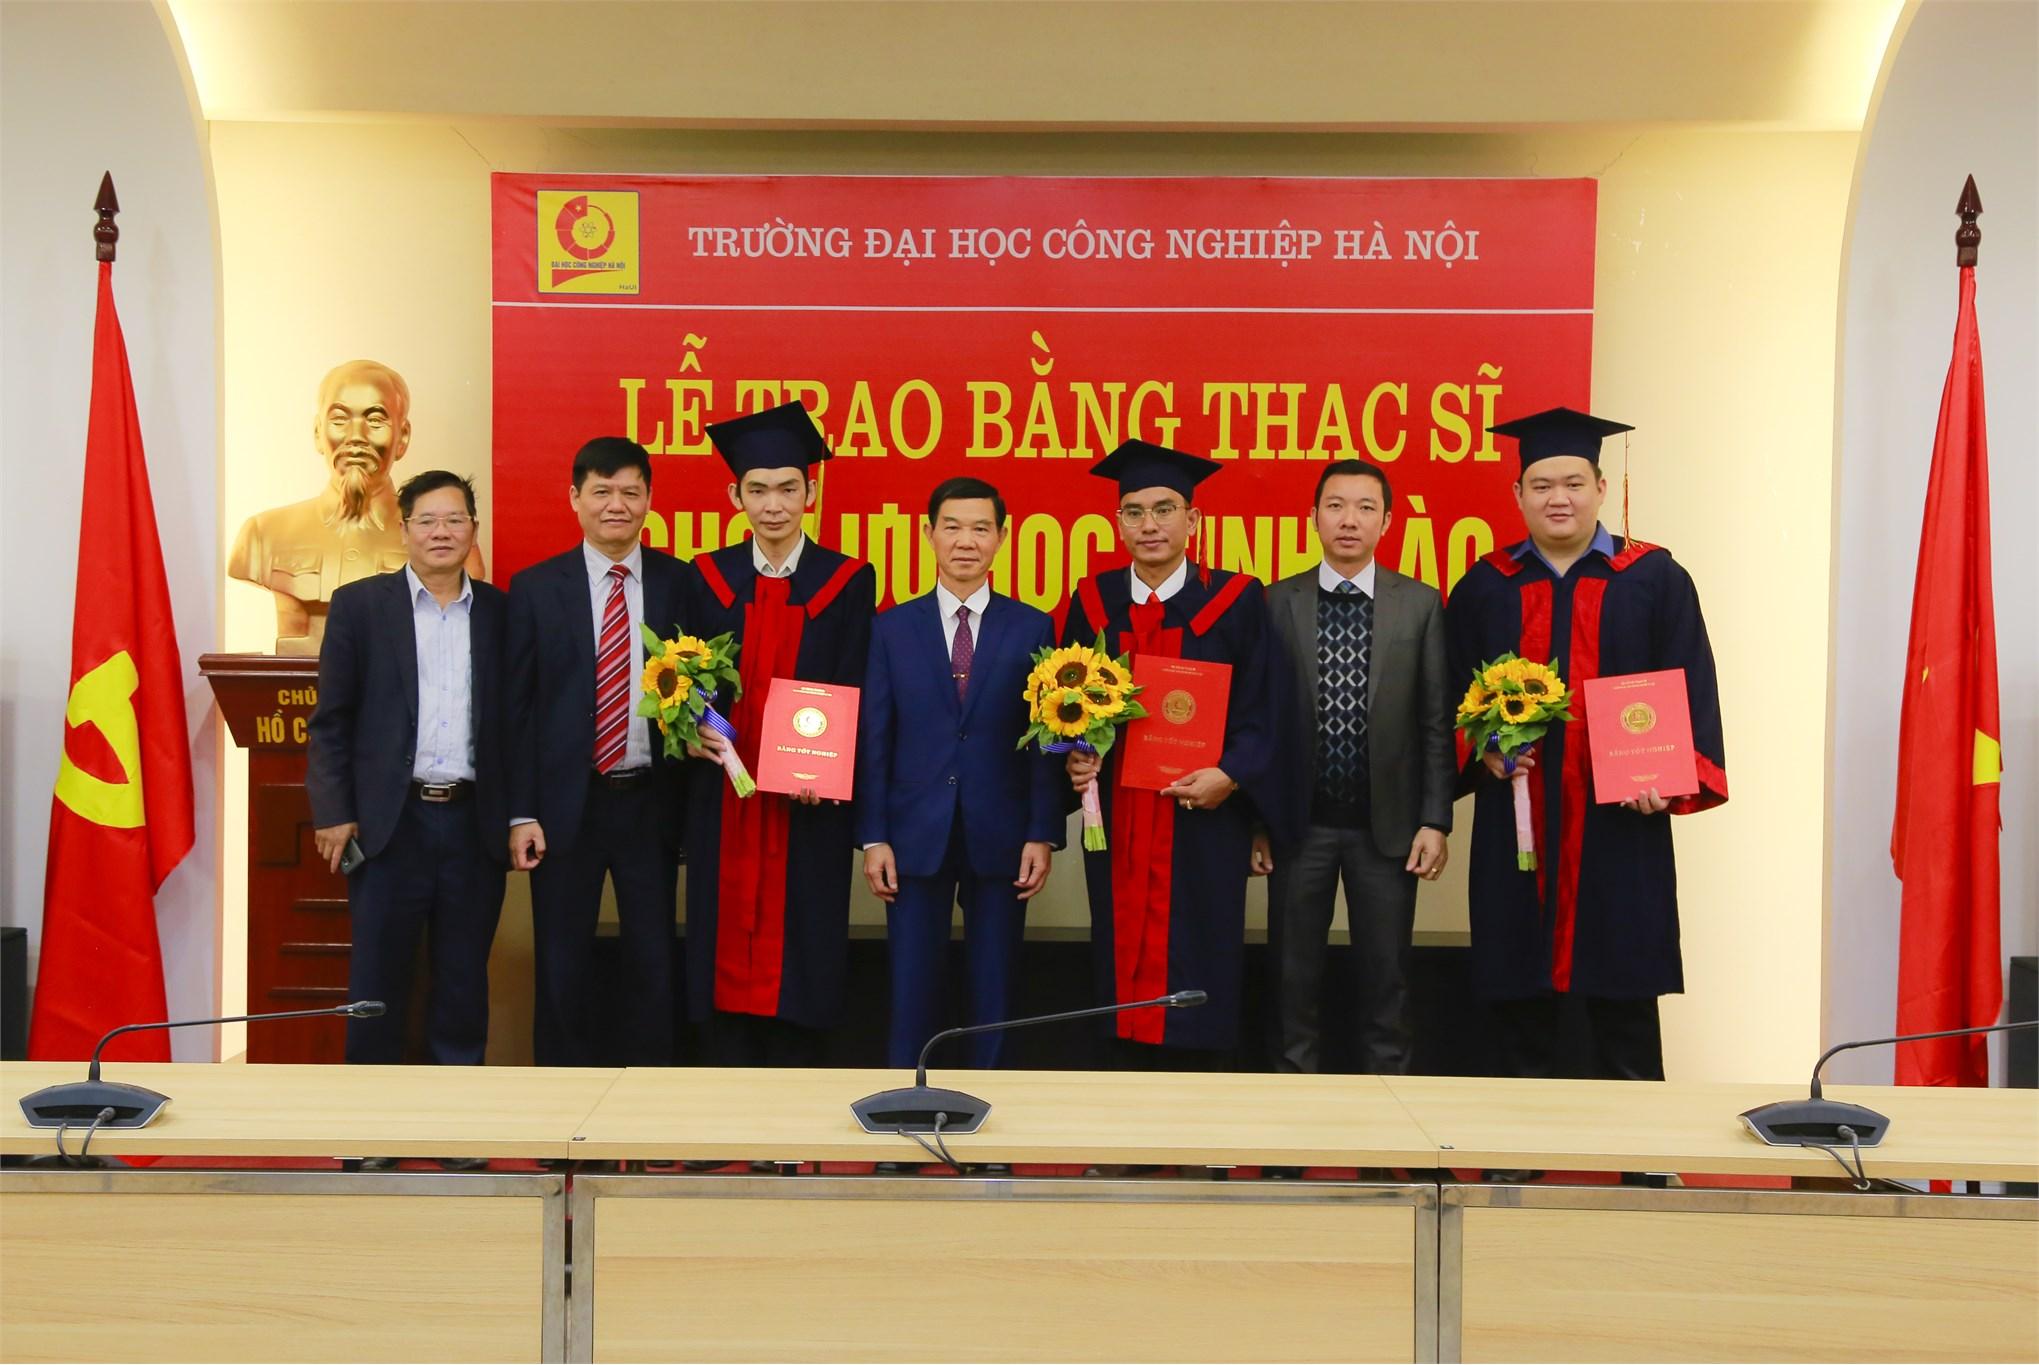 Những dòng cảm tưởng của LHS Lào học cao học tại trường Đại học Công nghiệp Hà Nội